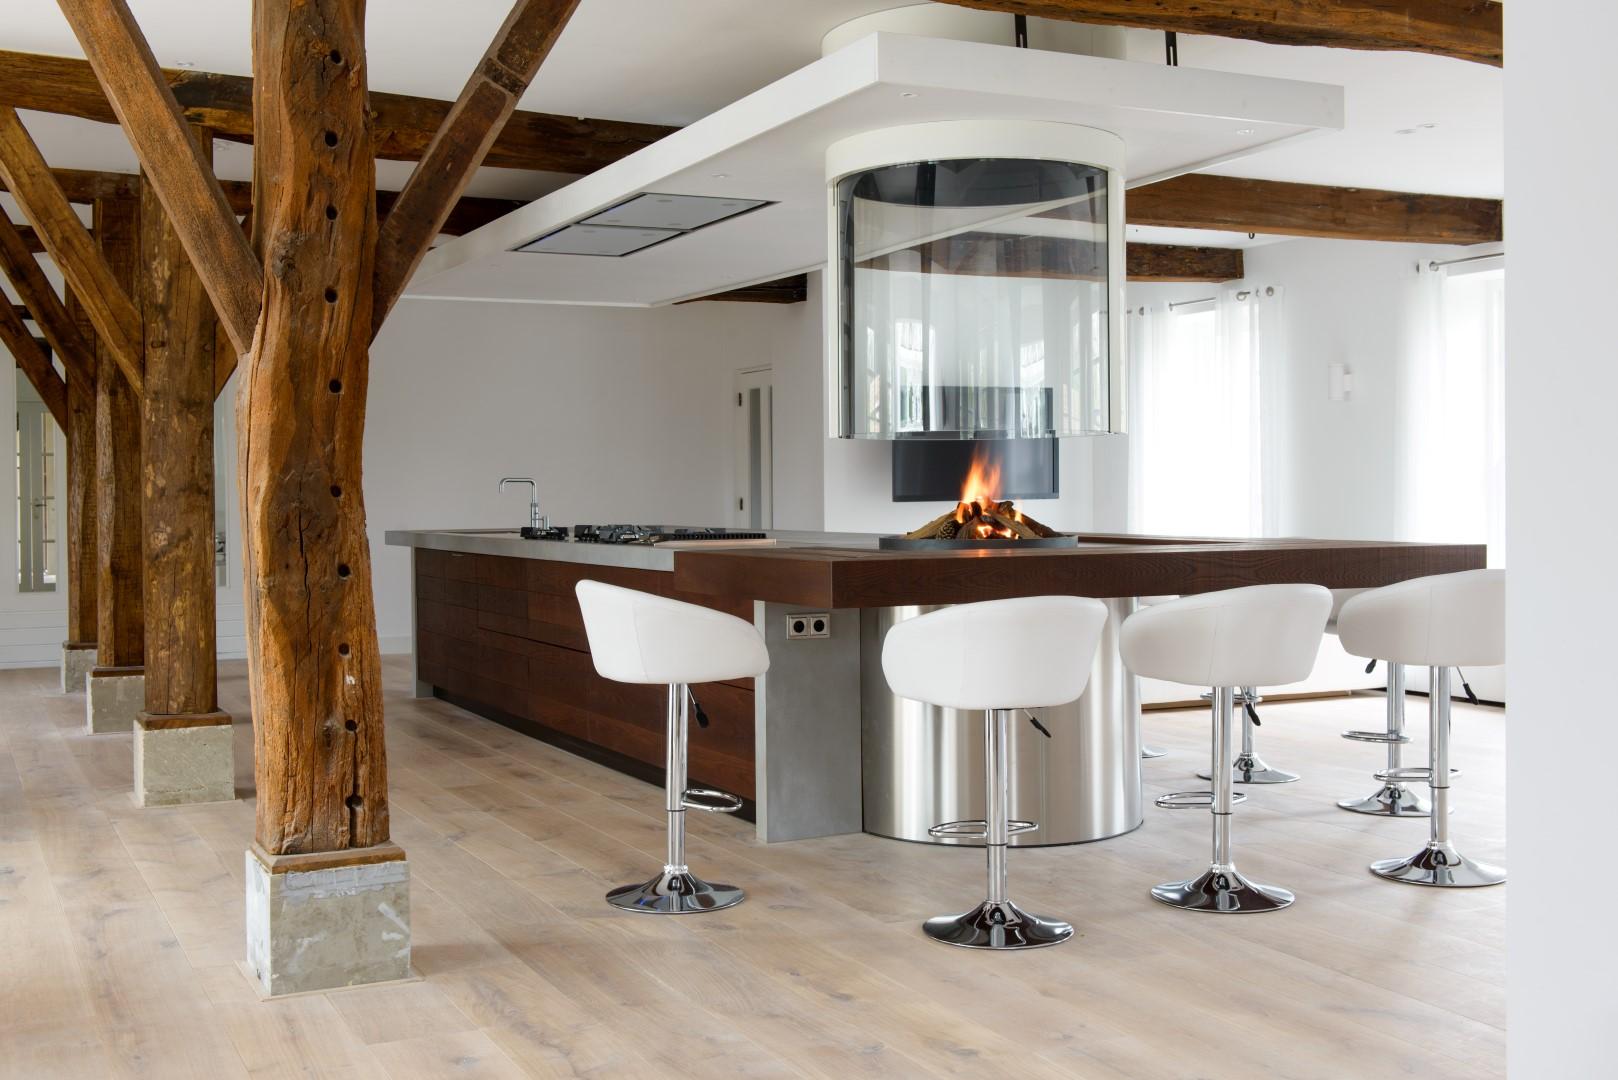 Een haard of houtkachel in de keuken wonen - Moderne keuken en woonkamer ...